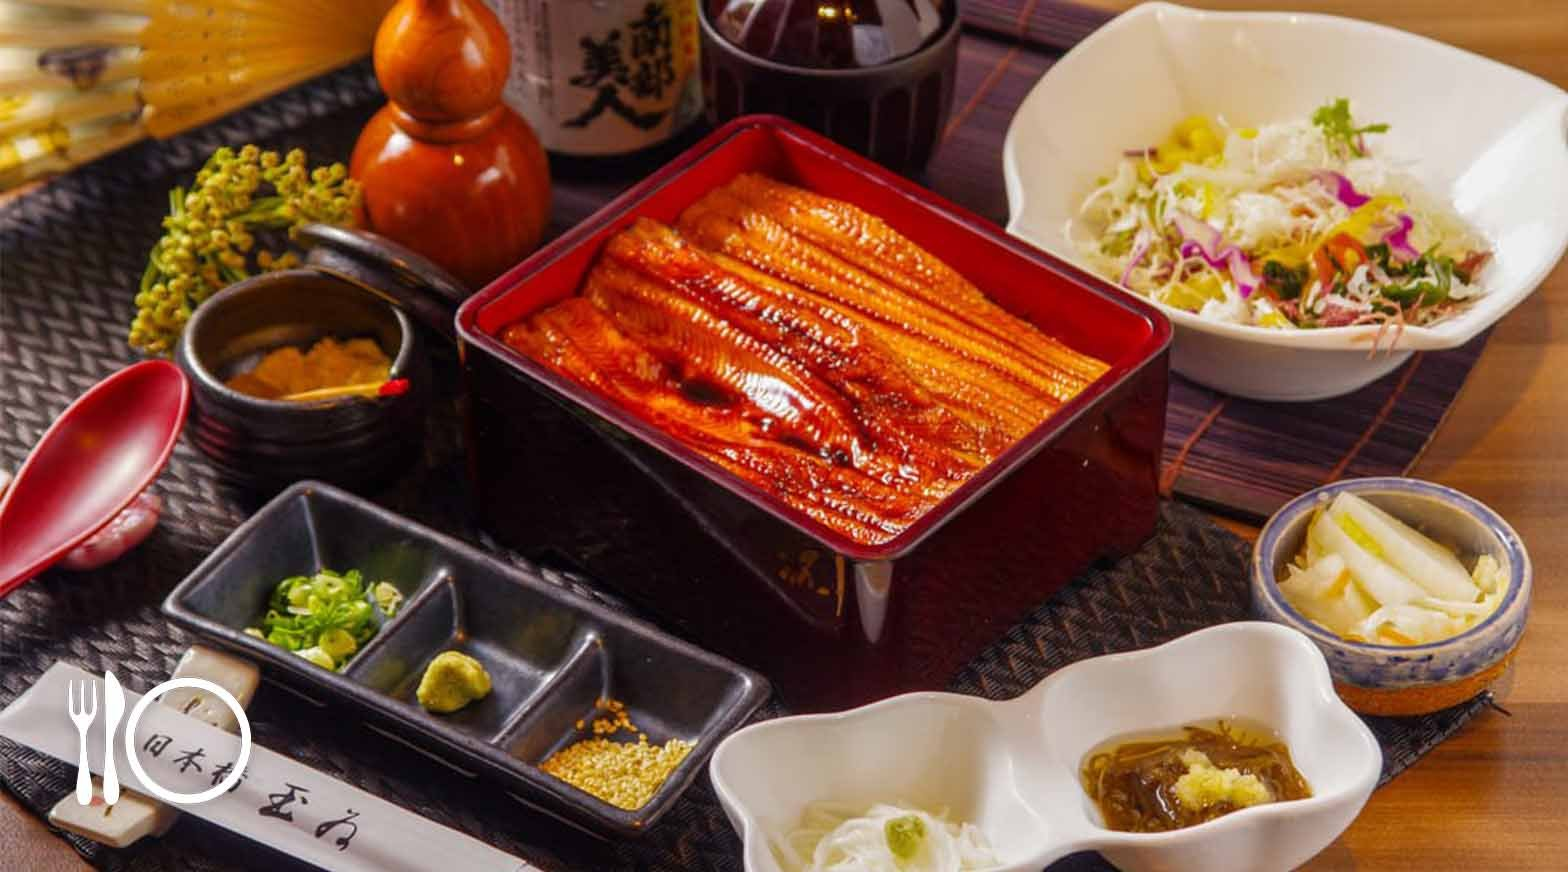 米其林餐盤|日本橋玉井-中盒鰻魚飯套餐 | 贈前菜